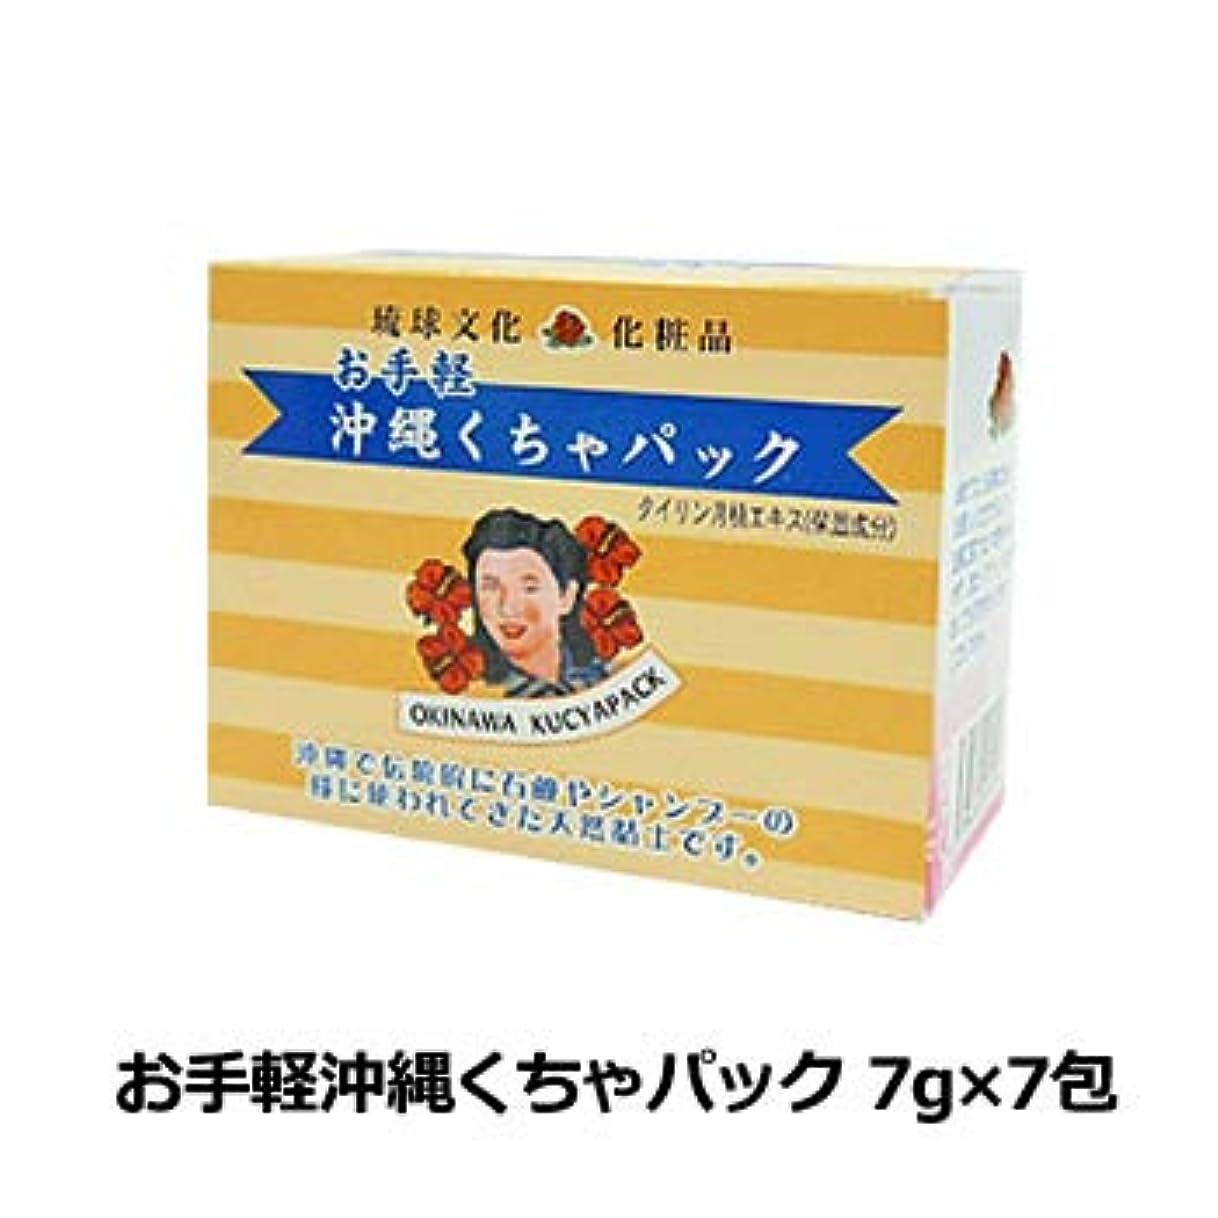 警察コンドームグローバルお手軽沖縄くちゃパック 7g×7包